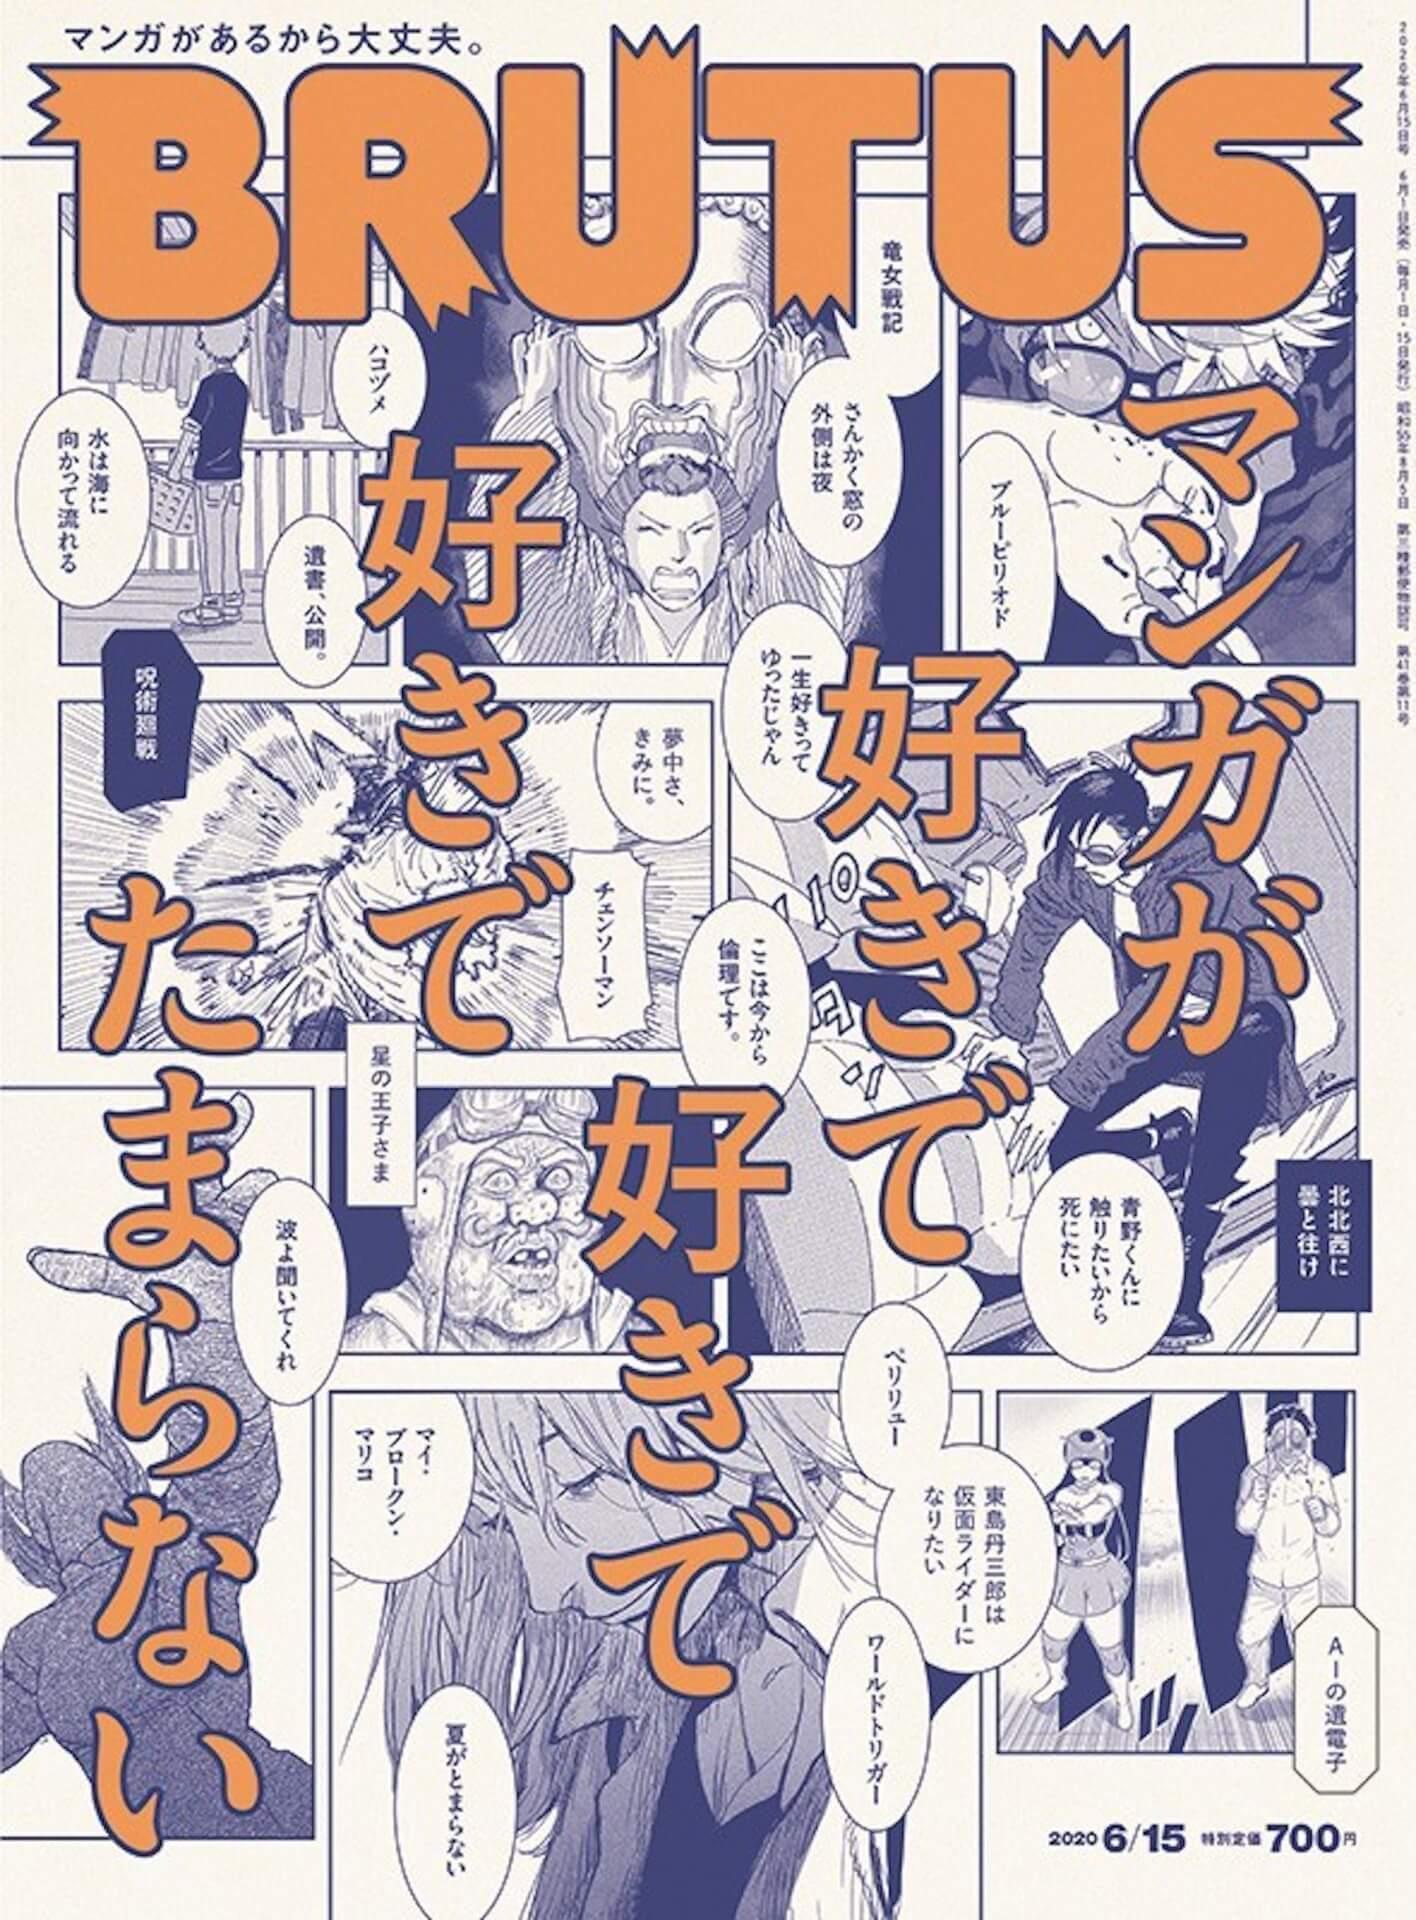 『BRUTUS』最新号はマンガ特集!著名人の愛読作品インタビューやマンガ家の描き下ろしイラストも ac200601_manga_brutus_01